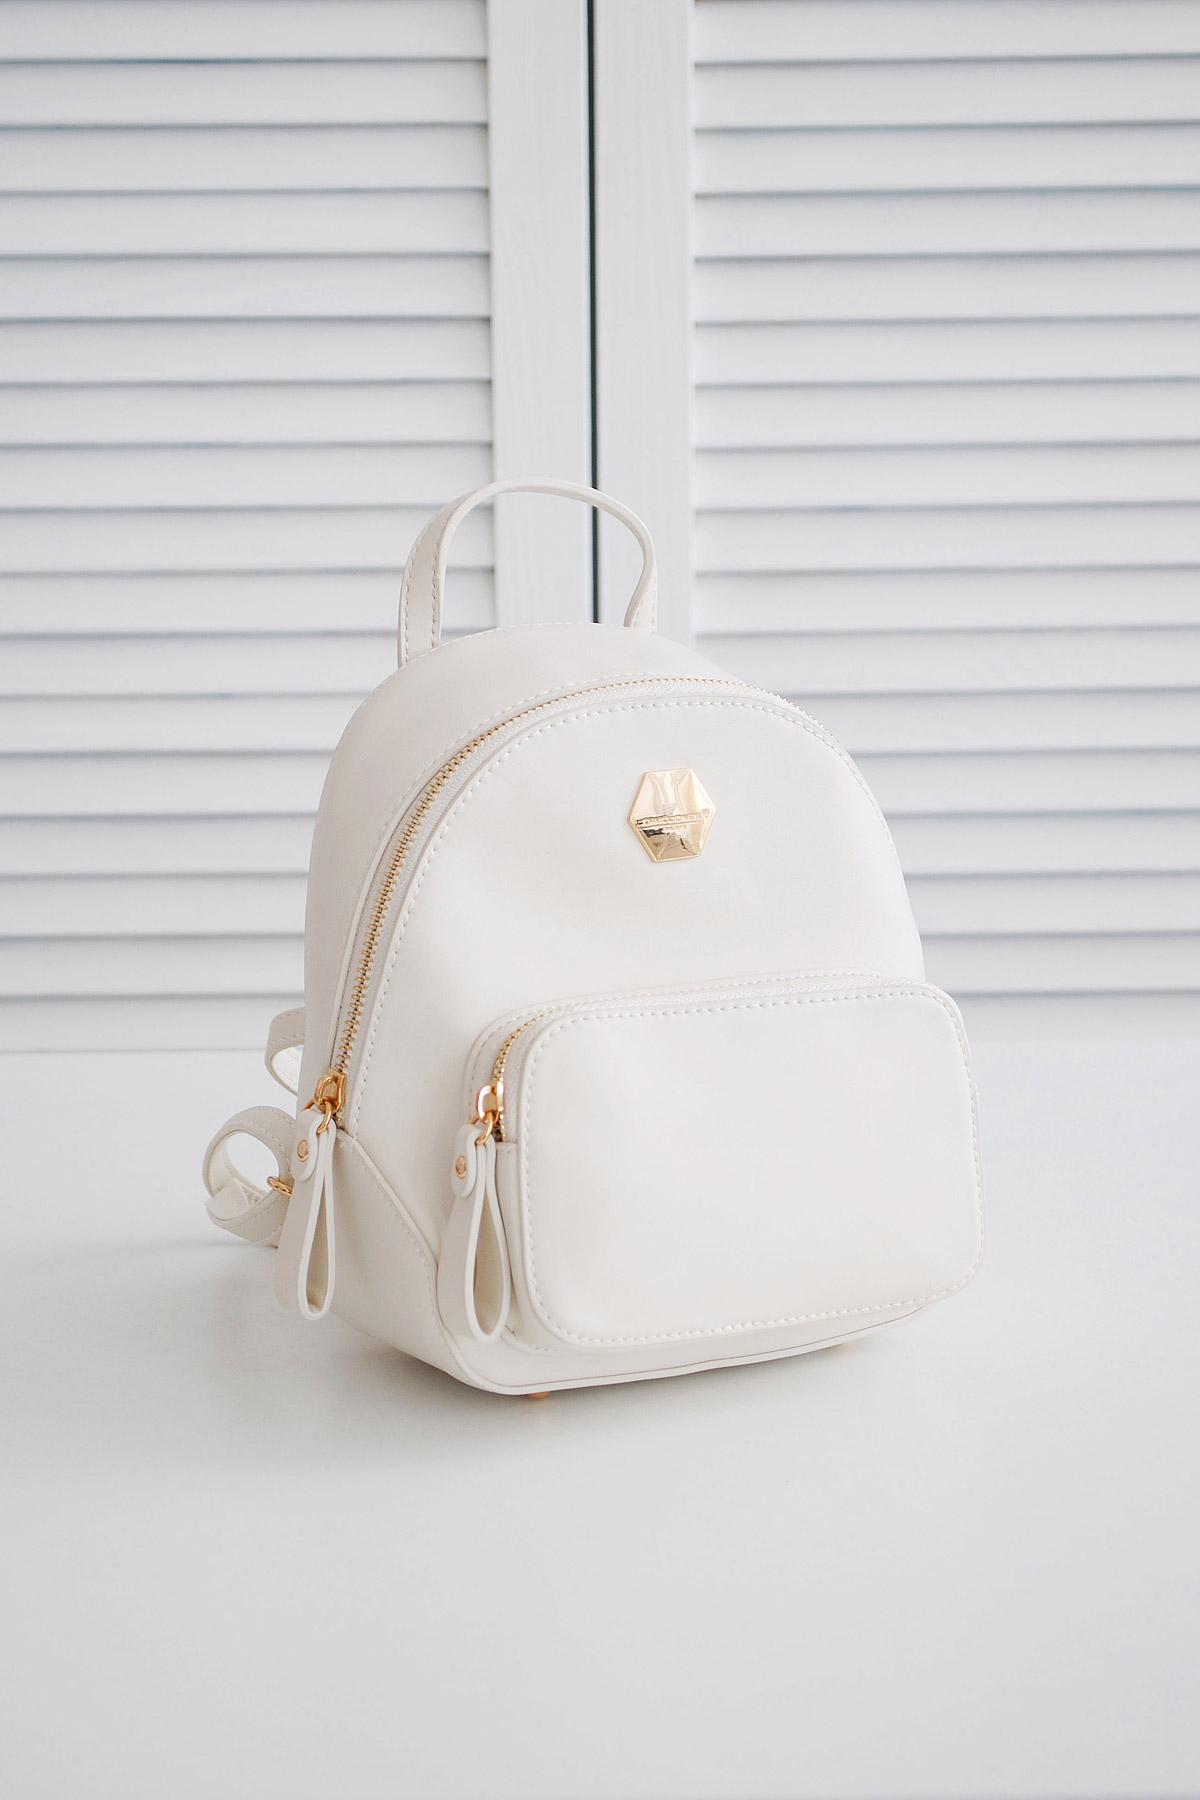 bac930a71cf2 женский мини рюкзак белого цвета. Рюкзак 5526-2. Цвет: белый